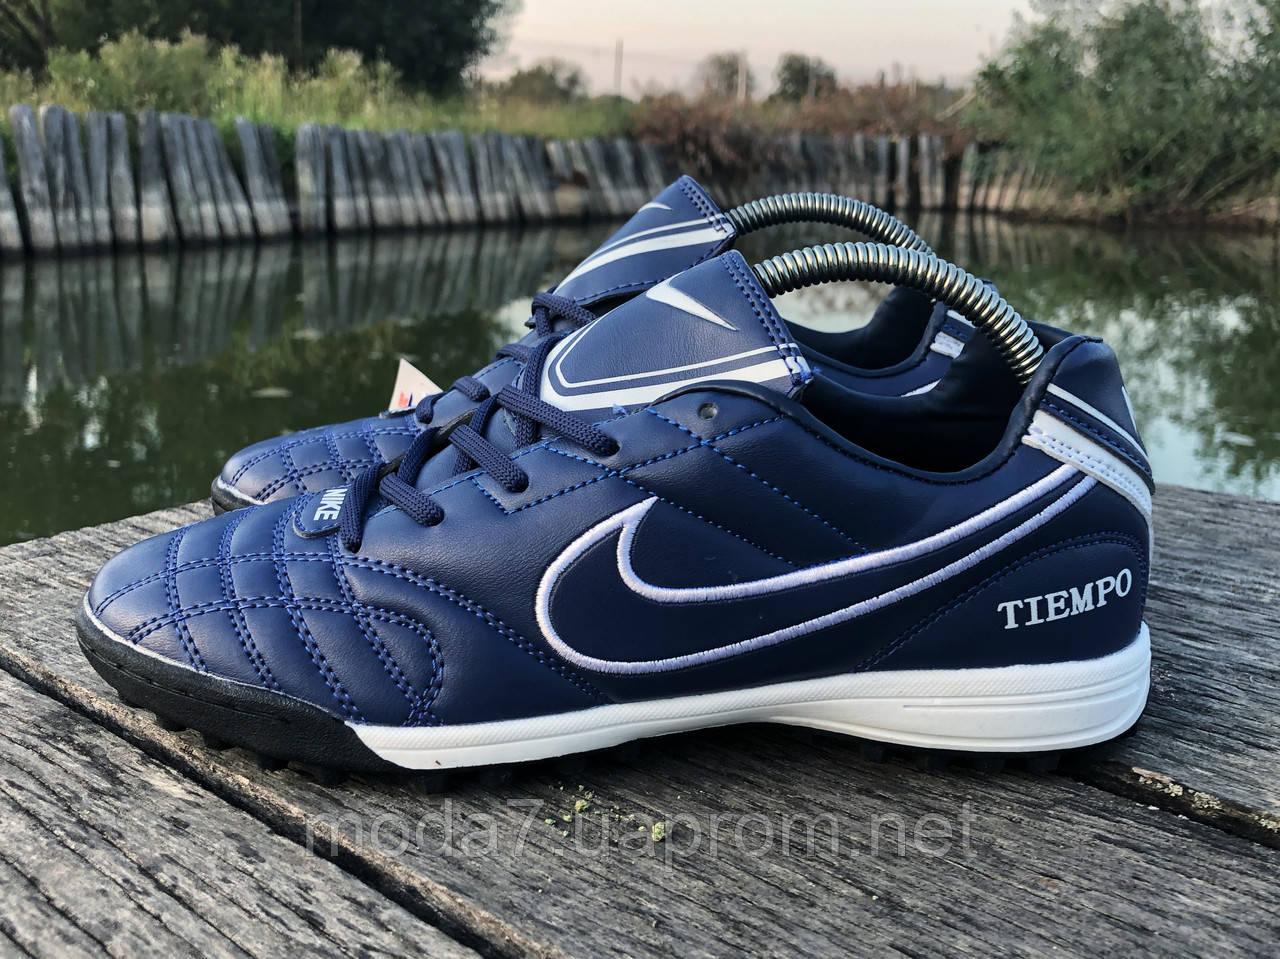 Подростковые сороконожки - футзалки Nike Tiempo синие 36-41р реплика